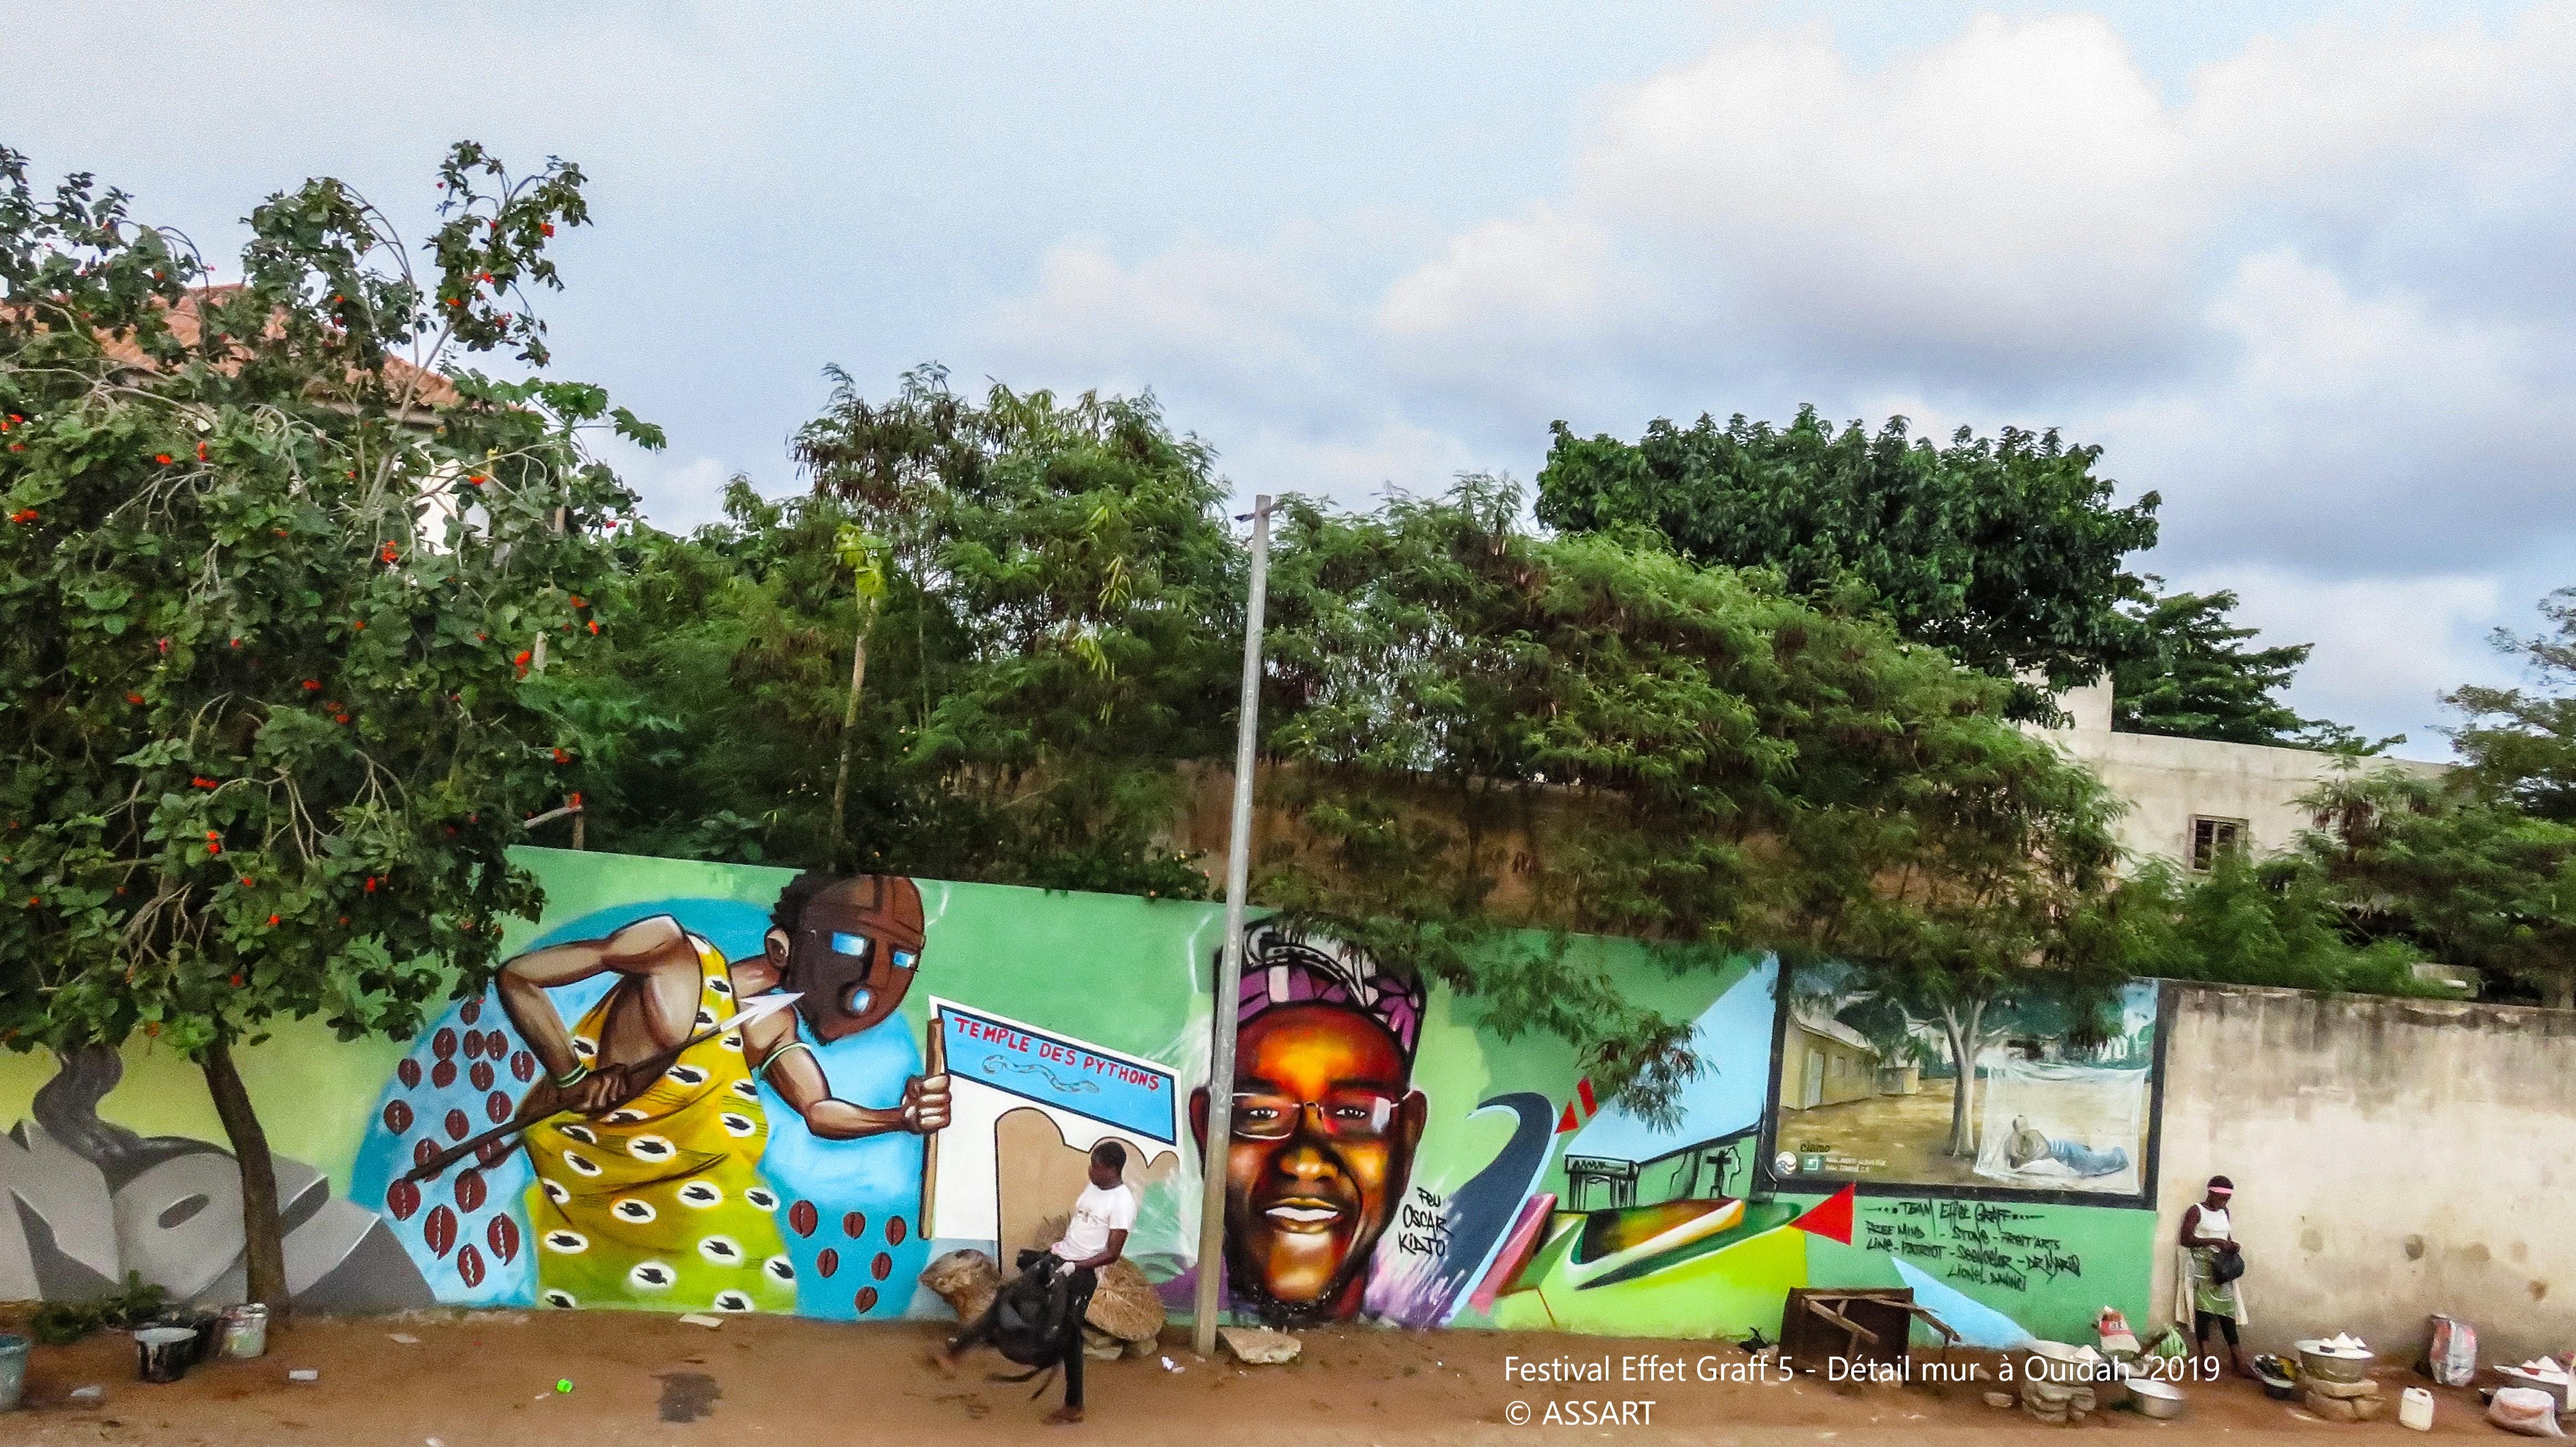 Festival Effet Graff 5 - Détail mur à Ouidah 2019 - ©ASSART